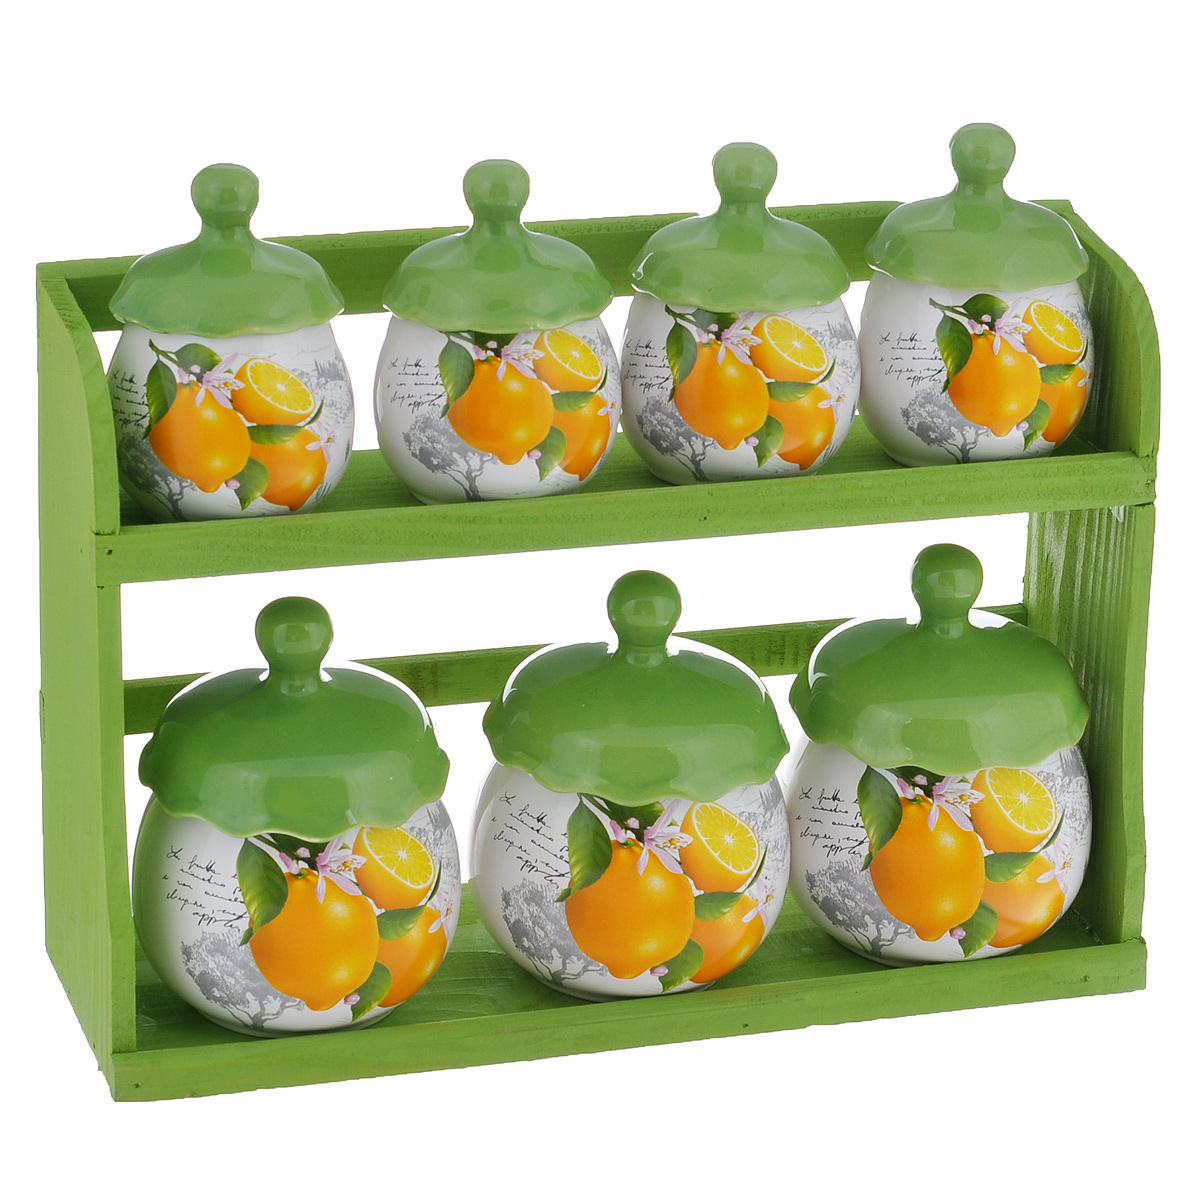 Набор банок для хранения сыпучих продуктов Лимоны, цвет: зеленый, белый, 8 предметовVT-1520(SR)Набор Лимоны состоит из трех больших банок, четырех маленьких банок и подставки. Предметы набора изготовлены из доломитовой керамики и декорированы изображением лимонов. Изделия помещаются на удобную деревянную подставку. Оригинальный дизайн, эстетичность и функциональность набора позволят ему стать достойным дополнением к кухонному инвентарю.Можно мыть в посудомоечной машине на минимальной температуре.Диаметр основания большой емкости: 6 см.Высота большой емкости (без учета крышки): 8 см.Диаметр основания маленькой емкости: 4,8 см.Высота маленькой емкости (без учета крышки): 6 см.Размер подставки: 22 см х 10,5 см х 32,5 см.